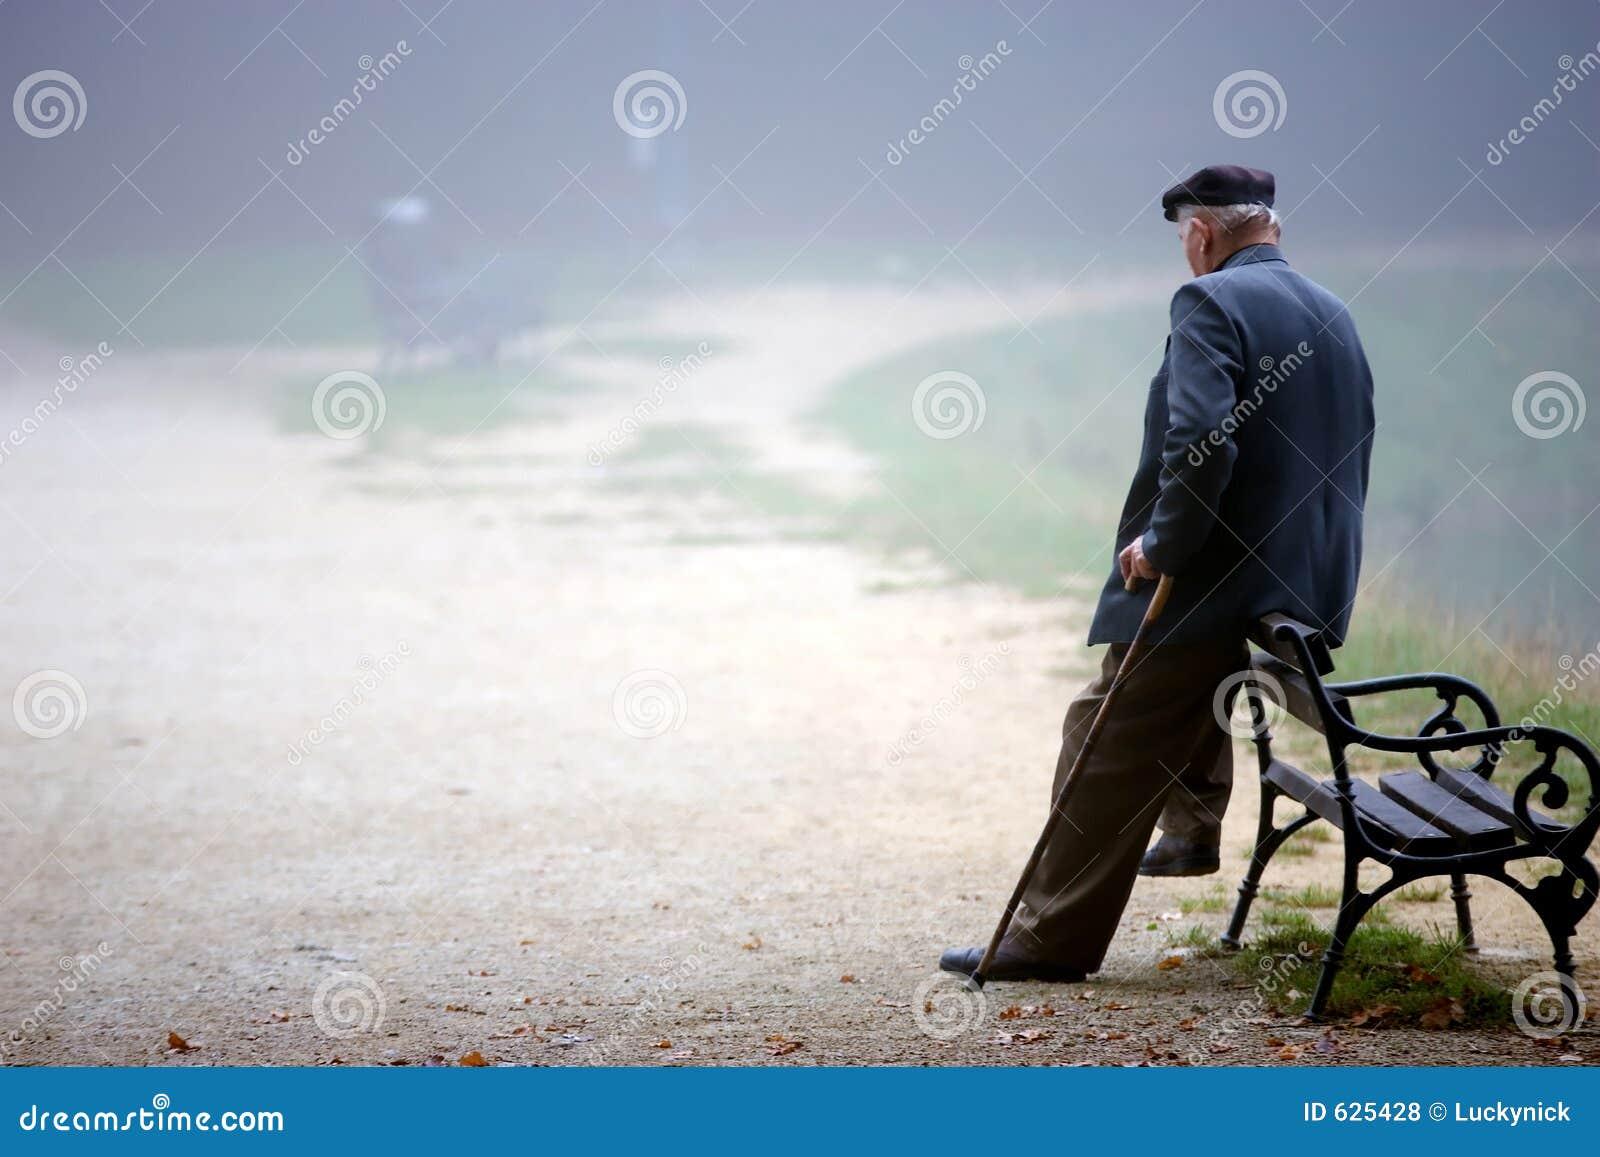 Człowiek odpocząć